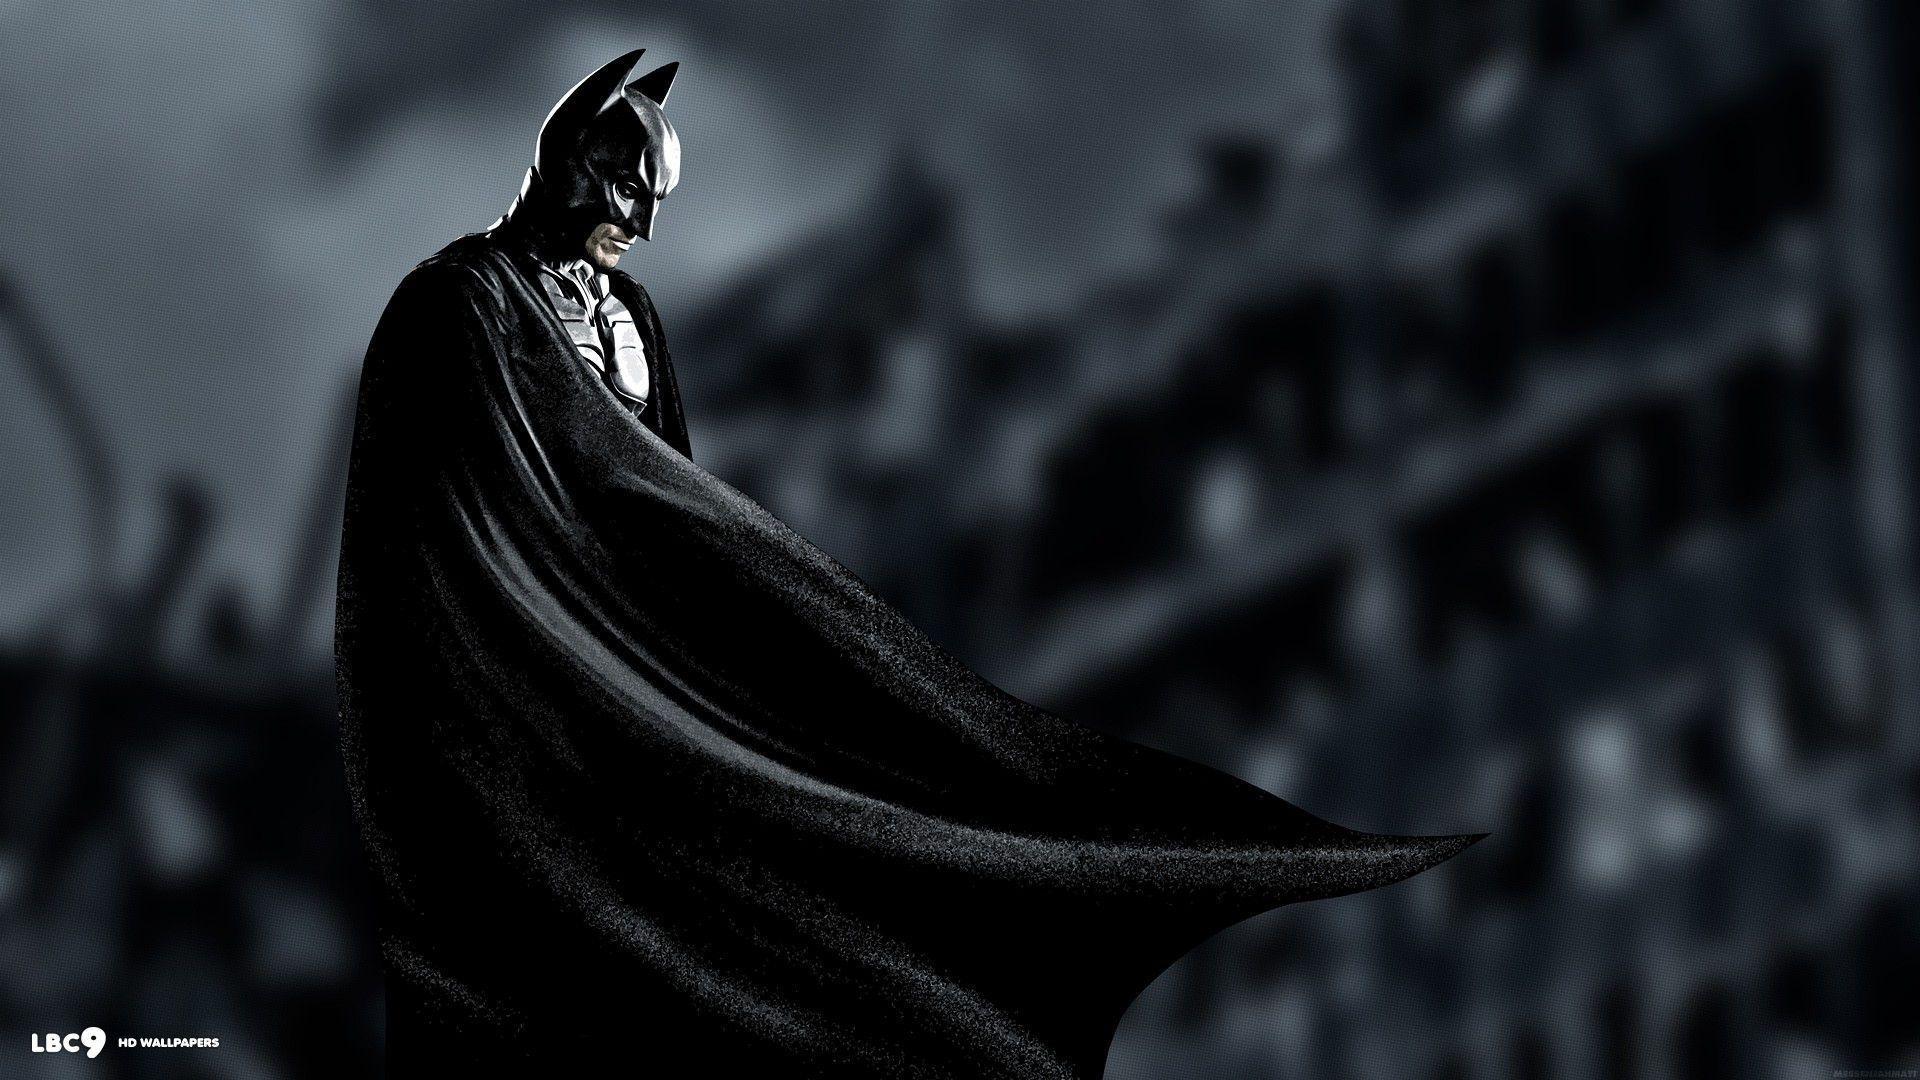 Batman Wallpapers 1080p Wallpaper Cave